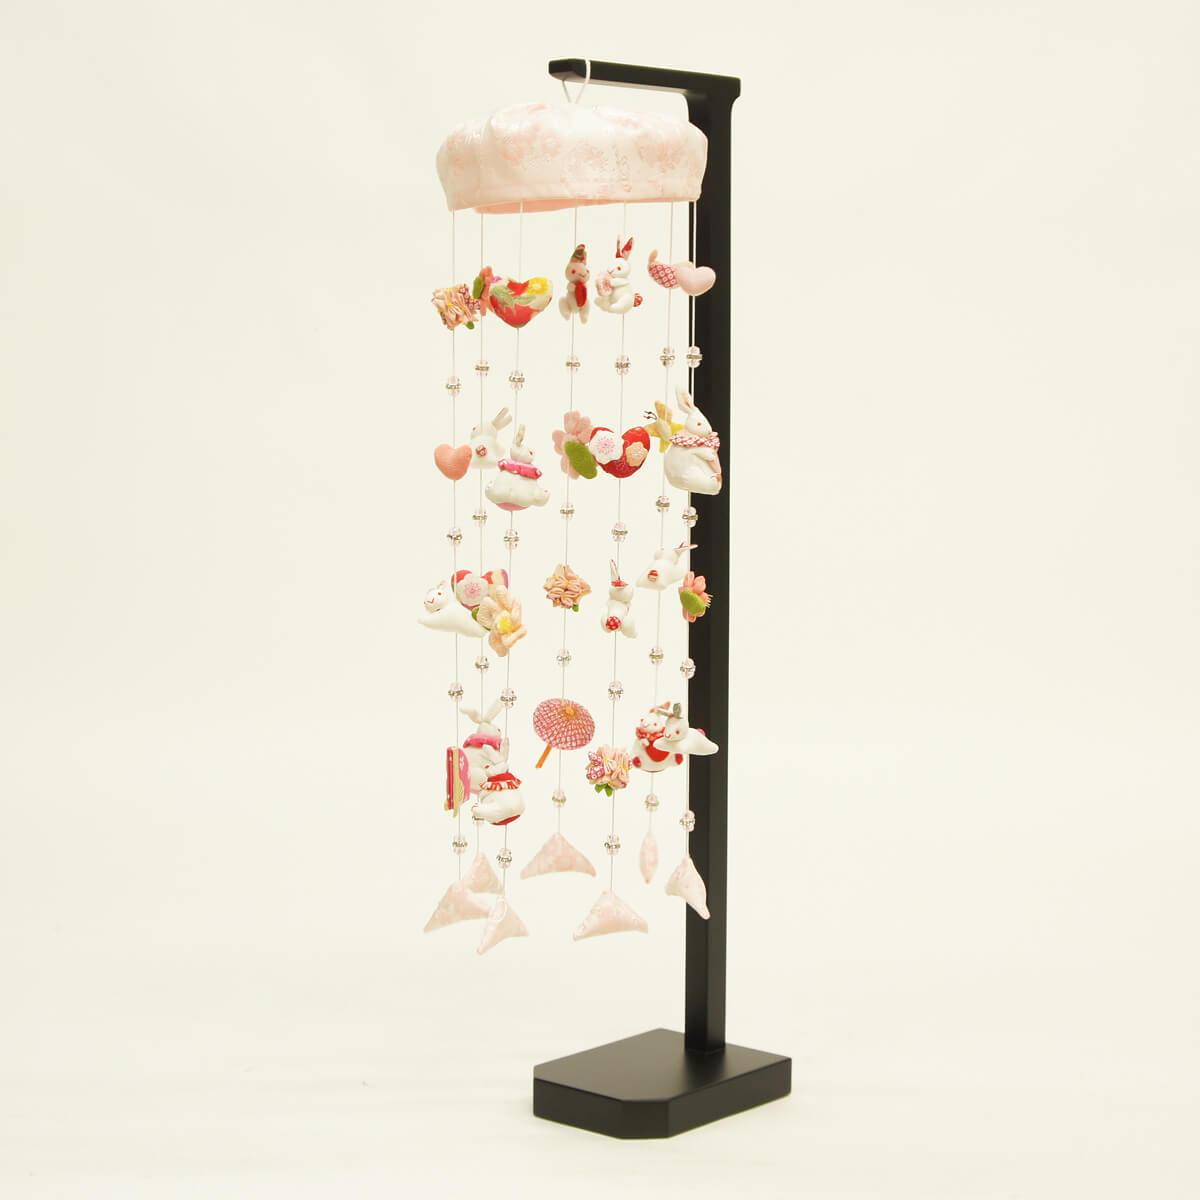 白うさぎ スタンド付 TRS-MY-3-53送料無料 ※北海道 沖縄は除く つるし雛 吊るし飾り で 桃の節句 雛祭り ひな祭り 雛人形 のお祝いに